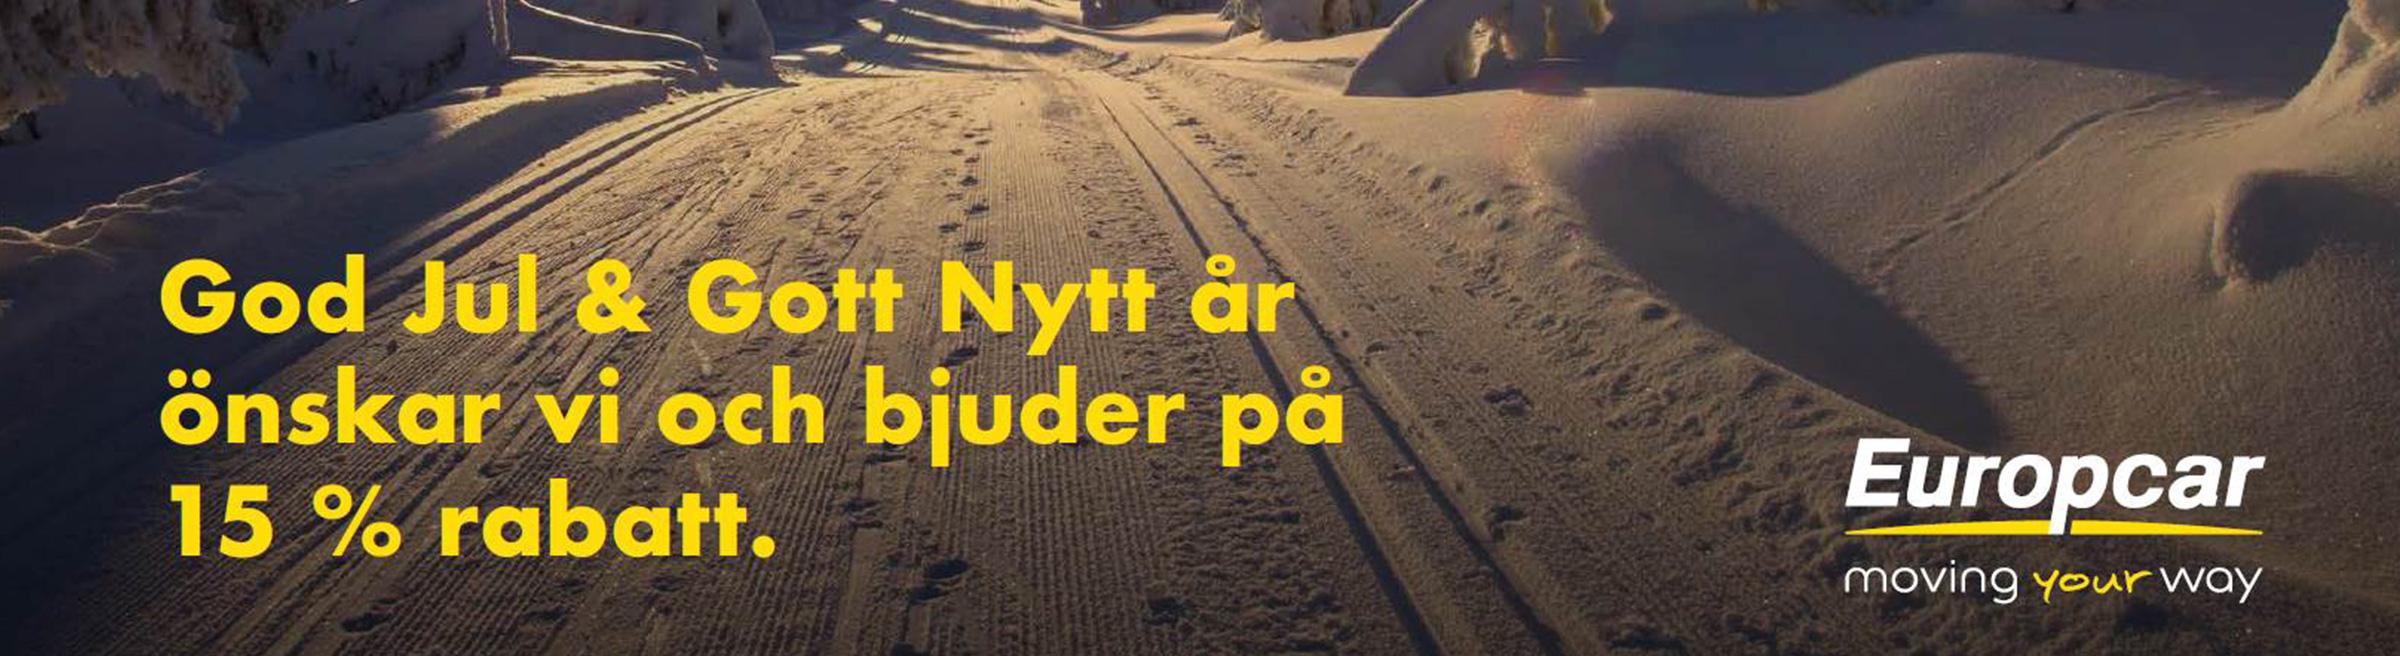 Inredning ok hyra lastbil : Hyrbil - Toveks Bil